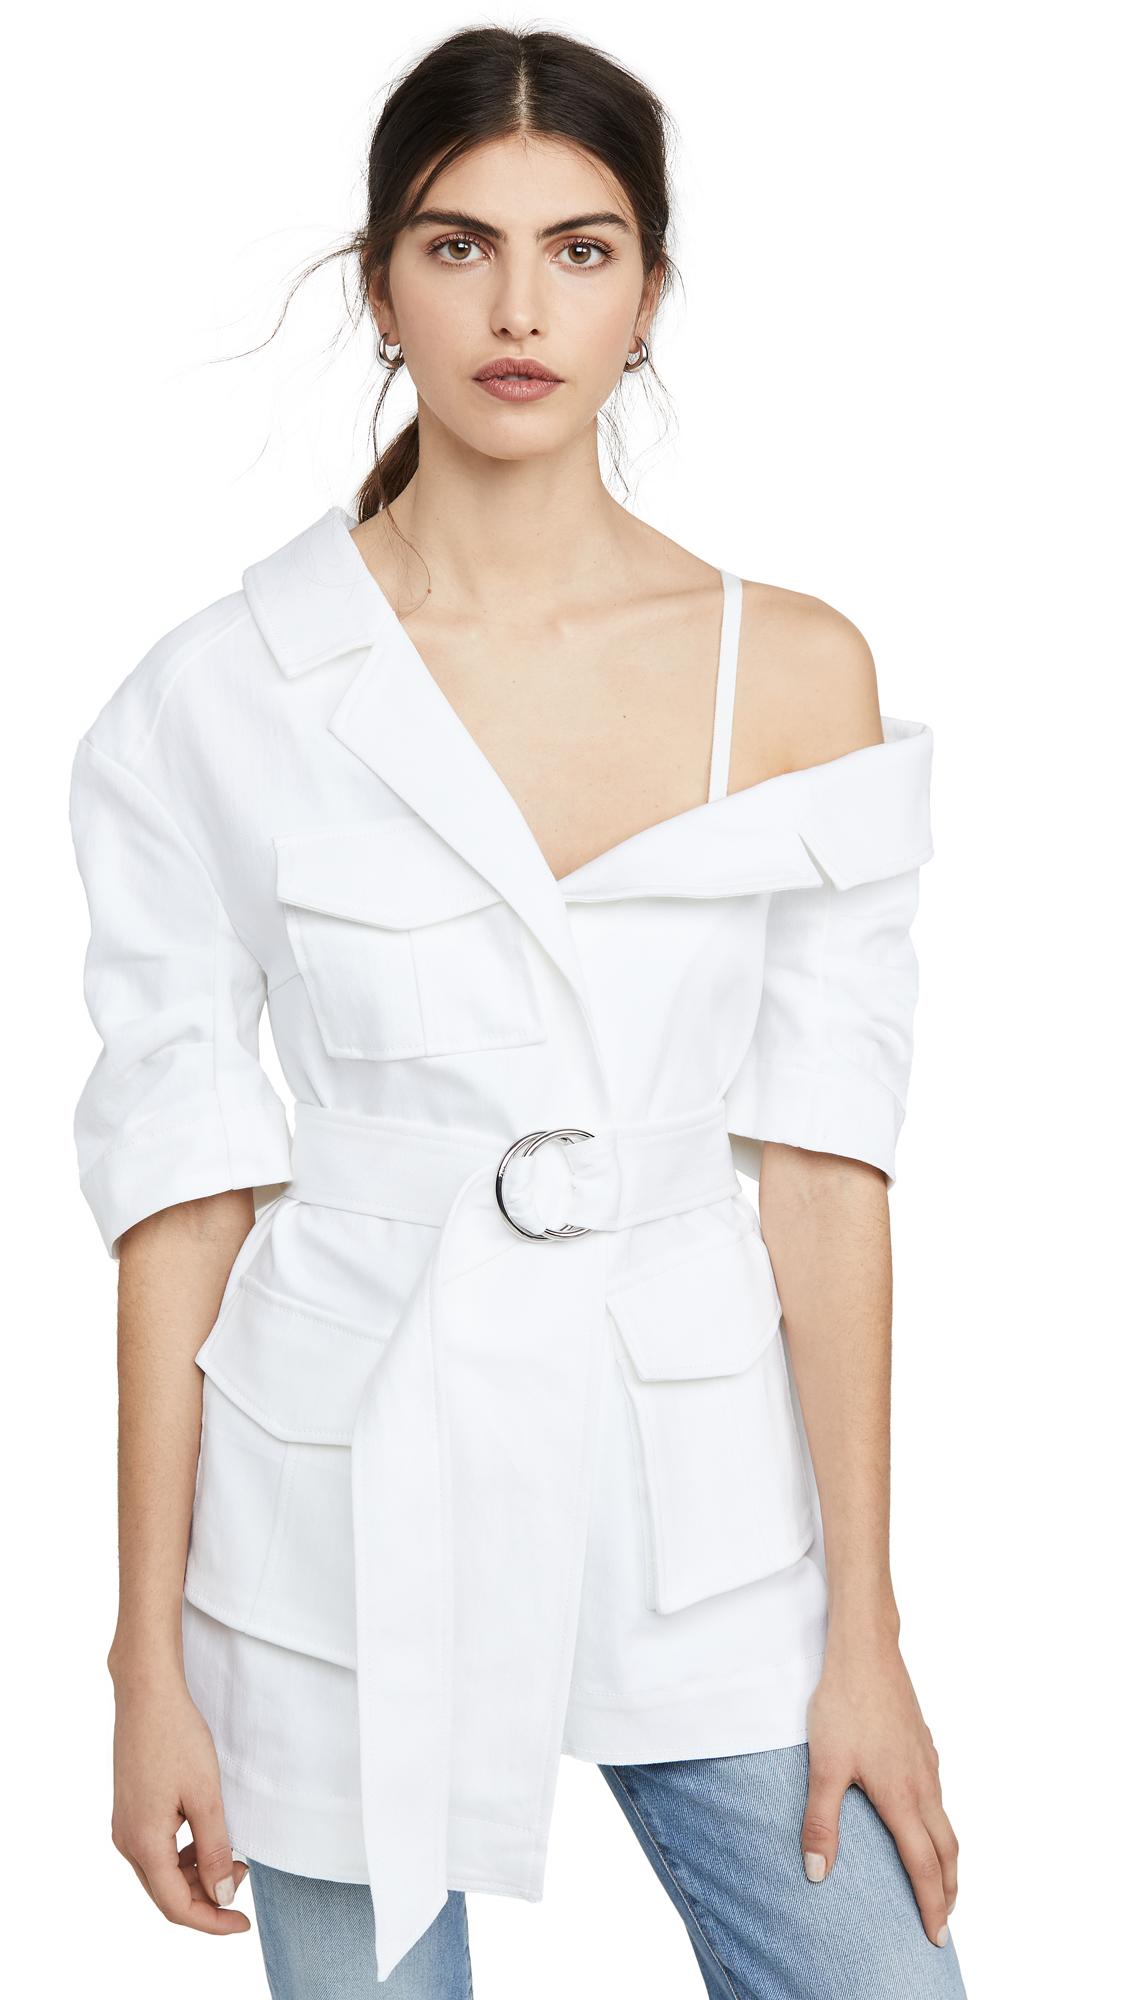 Buy Cinq a Sept Tous Les Jours Katie Jacket online beautiful Cinq a Sept Jackets, Coats, Coats